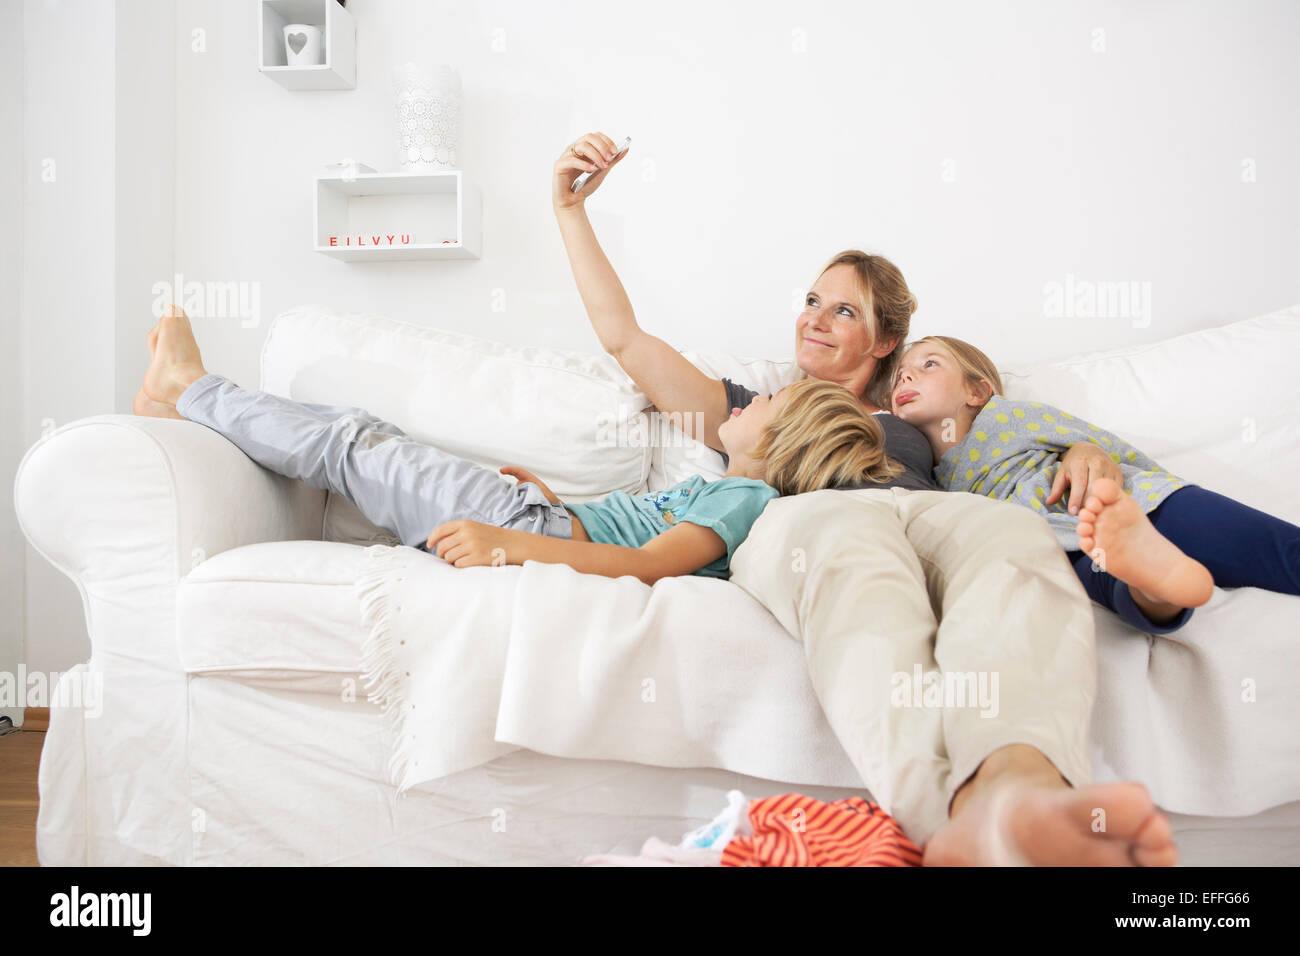 Mutter, Tochter und Sohn auf Couch nehmen ein Selbstporträt Stockfoto